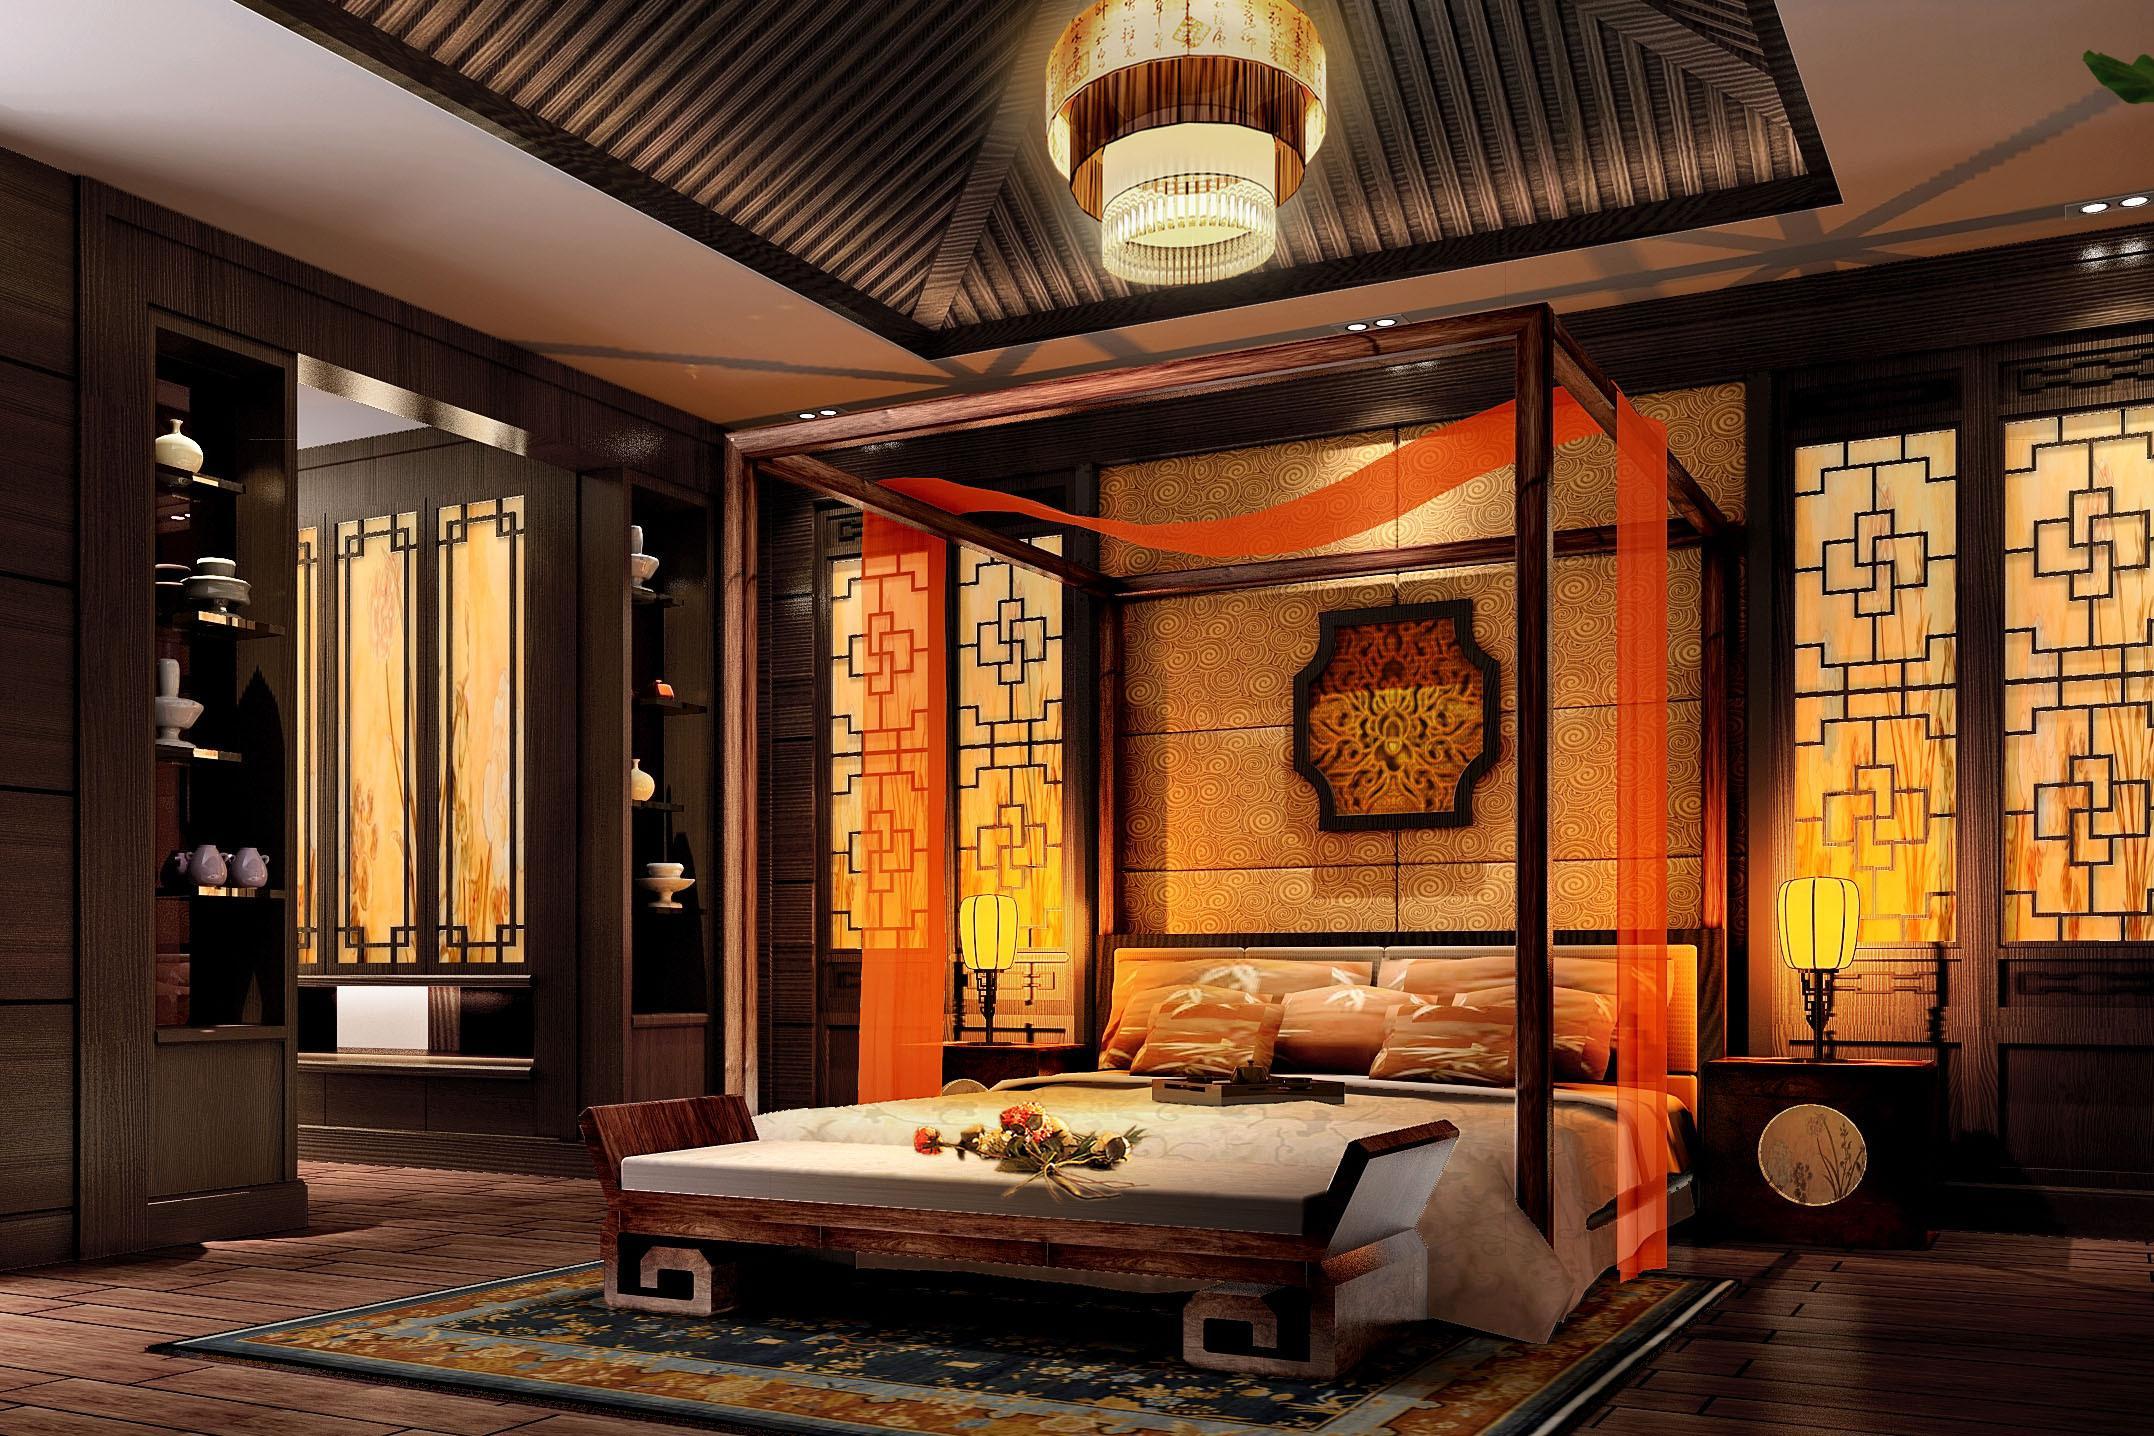 中式装修住宅红木家具的保养方法你需要get的4个方法